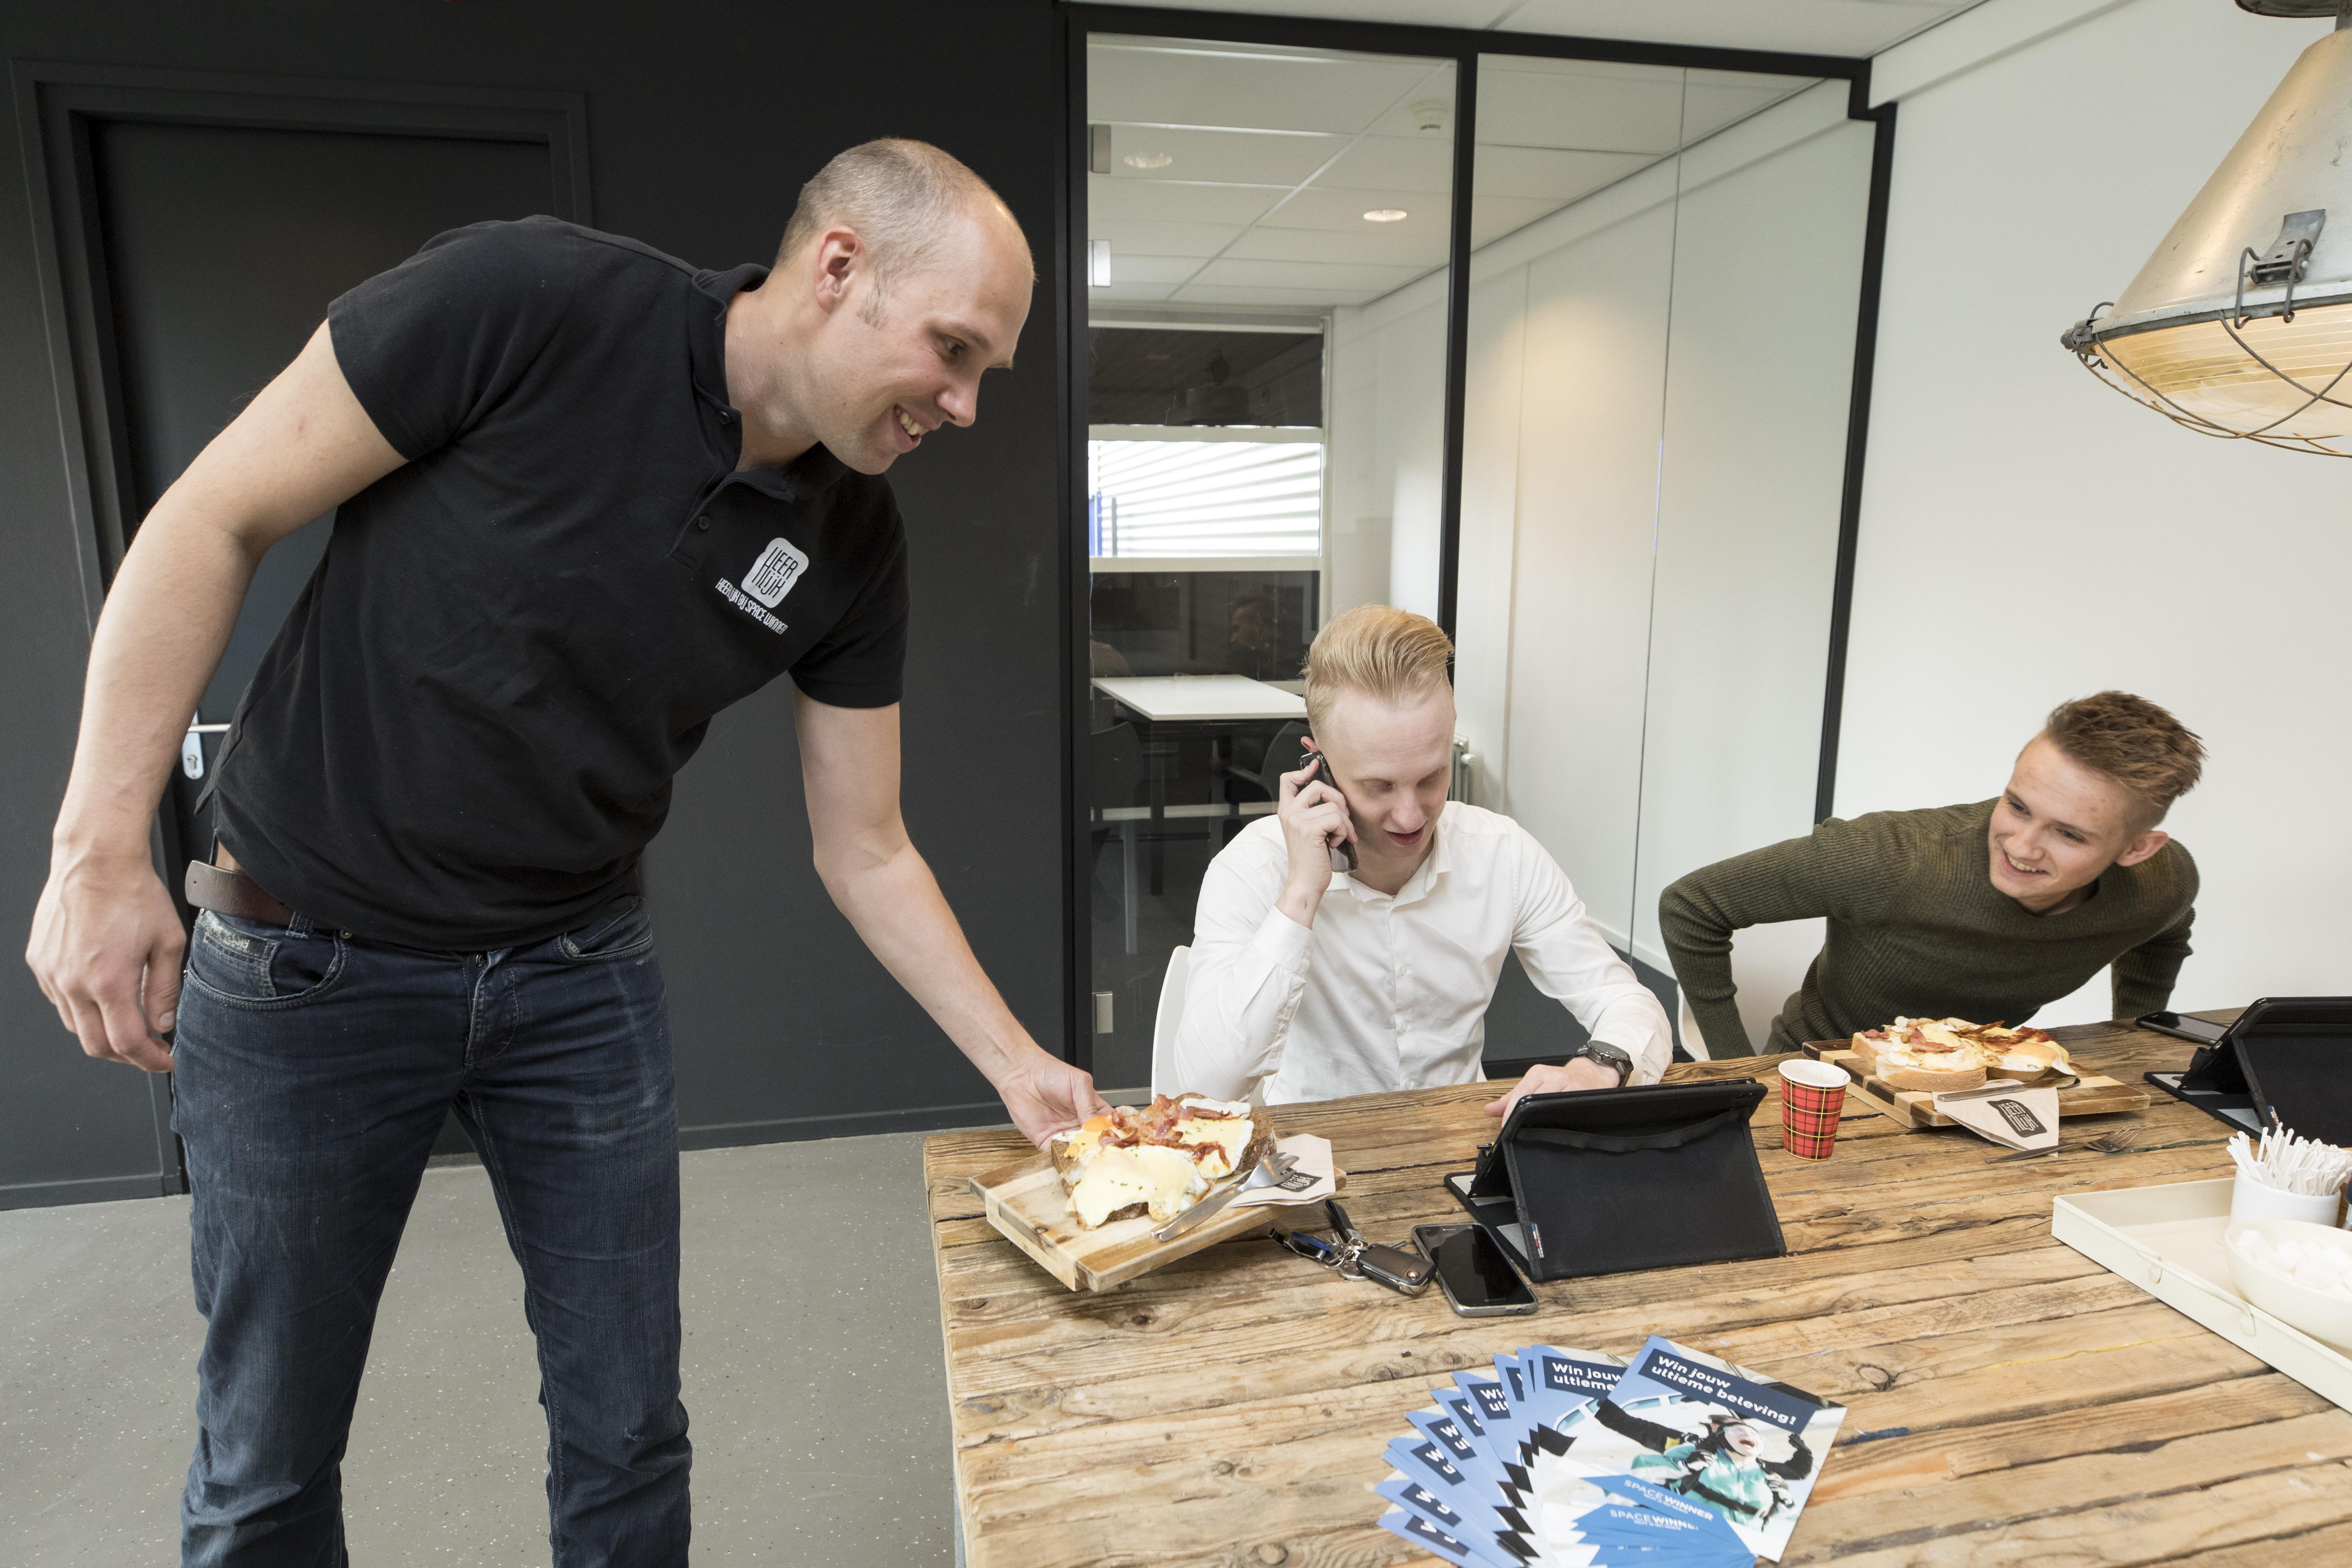 Lunch bezorgen Space bij Winner